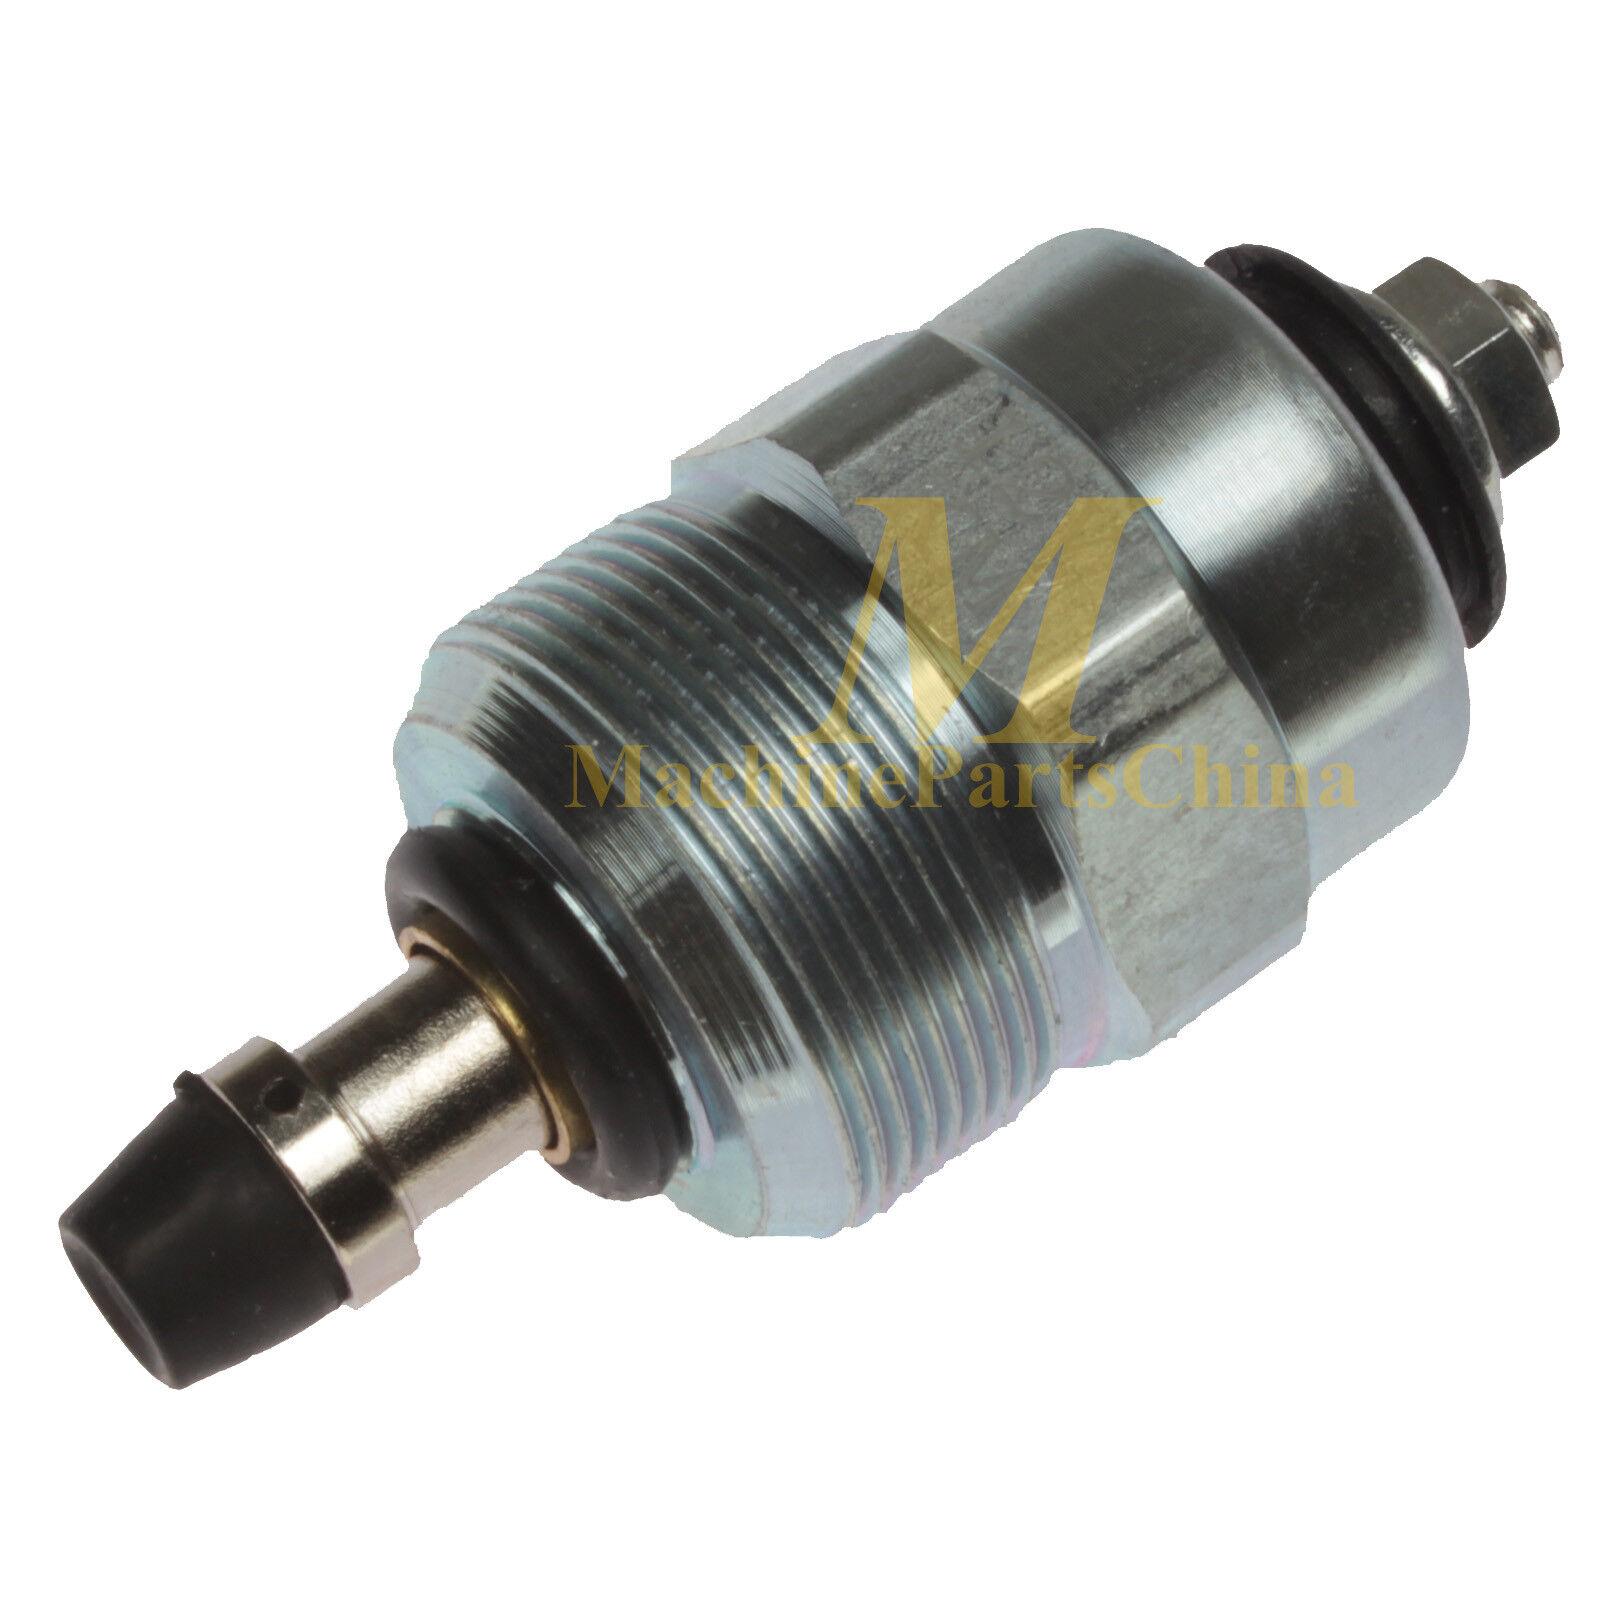 Fuel Pump Solenoid For Yanmar L100V L100AE Diesel Generator Engine 12V